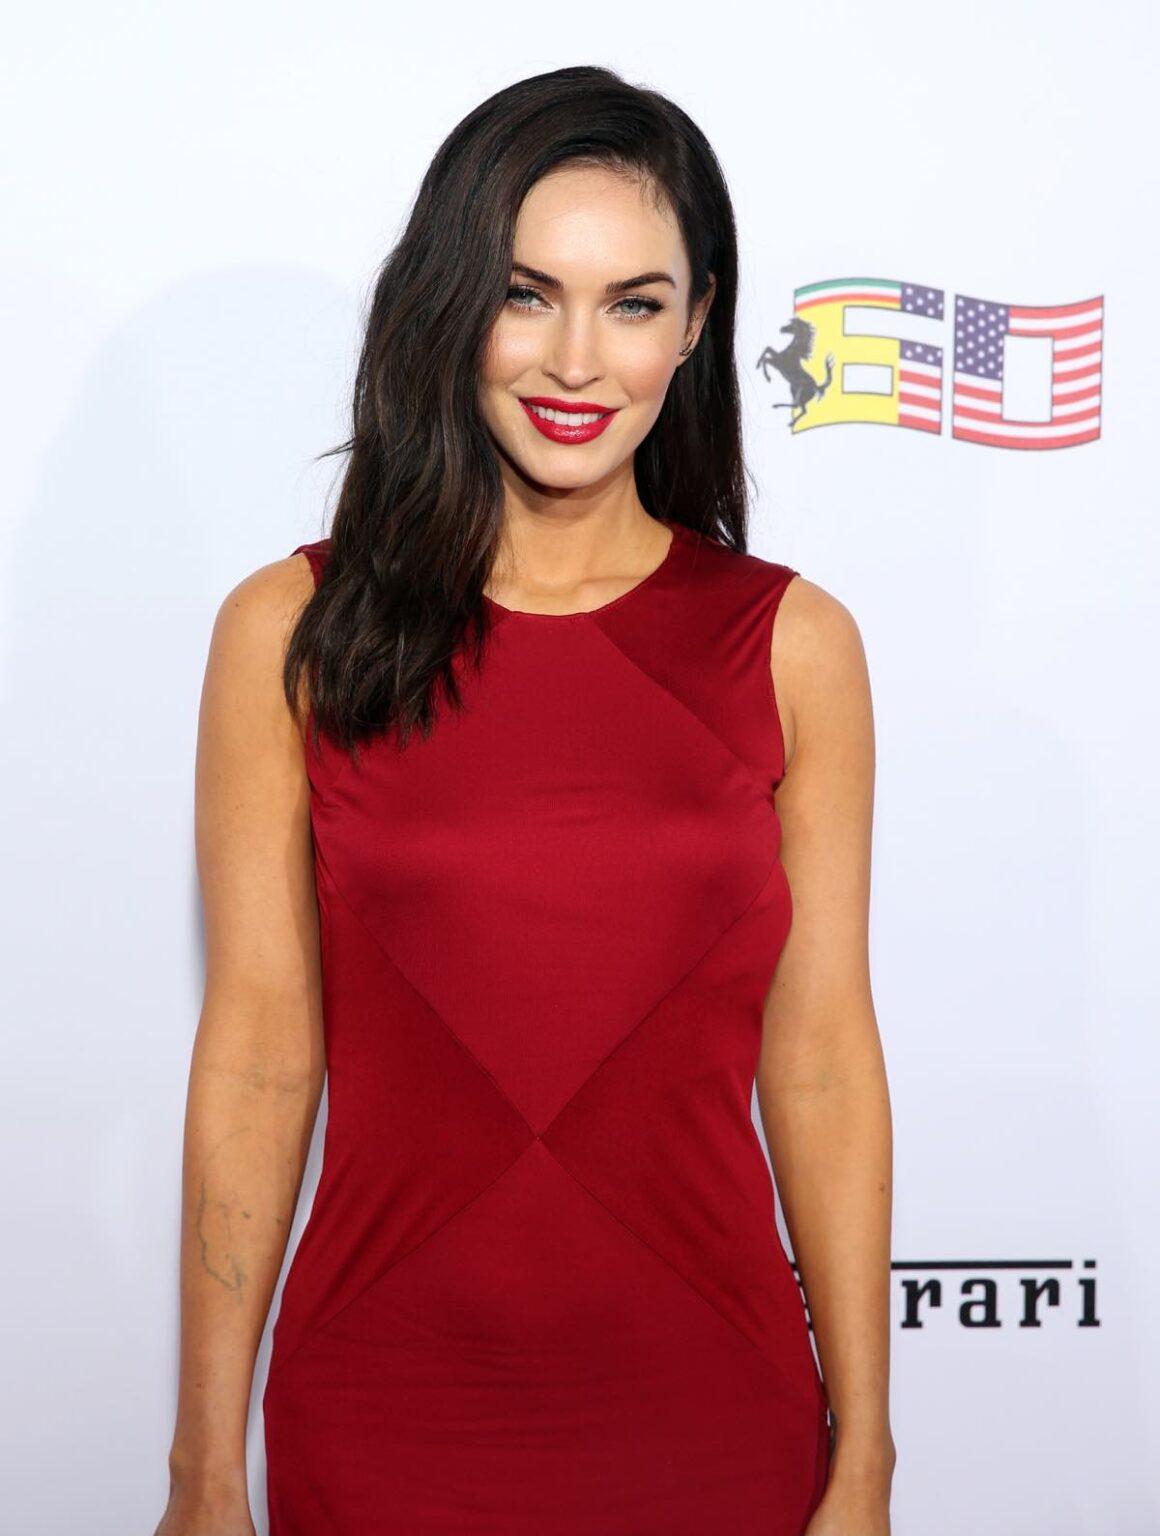 Megan Fox attends Ferrari Celebrates 60 Years In America